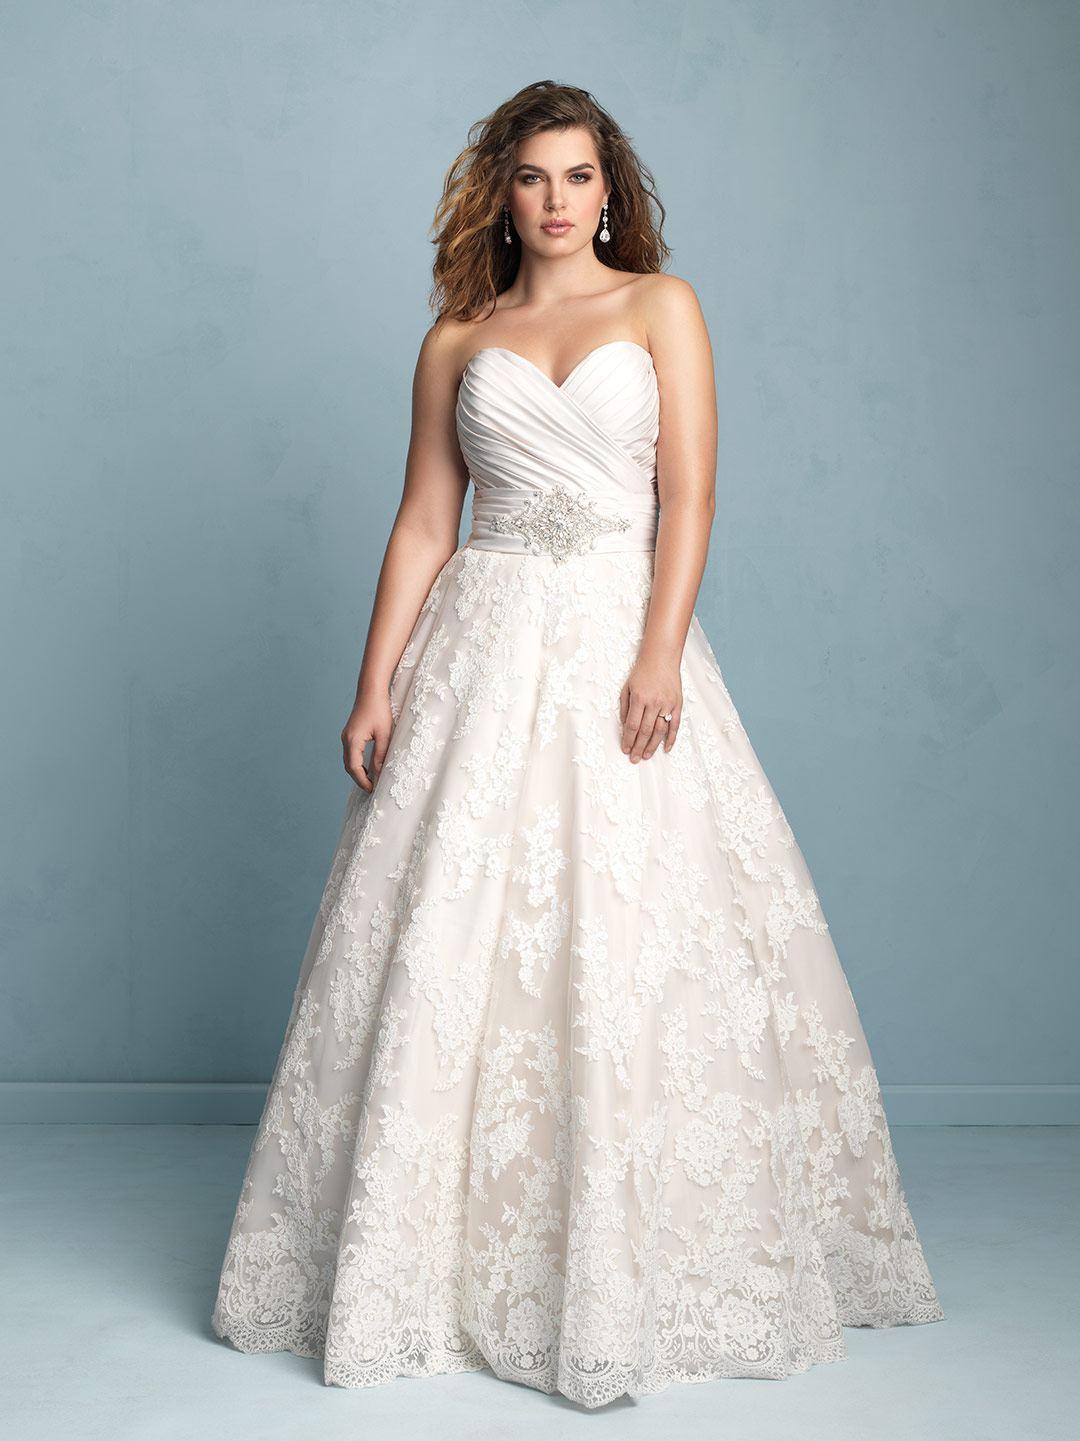 6d30795720f Свадебные платья для полных  100+ вариантов дизайна на фото